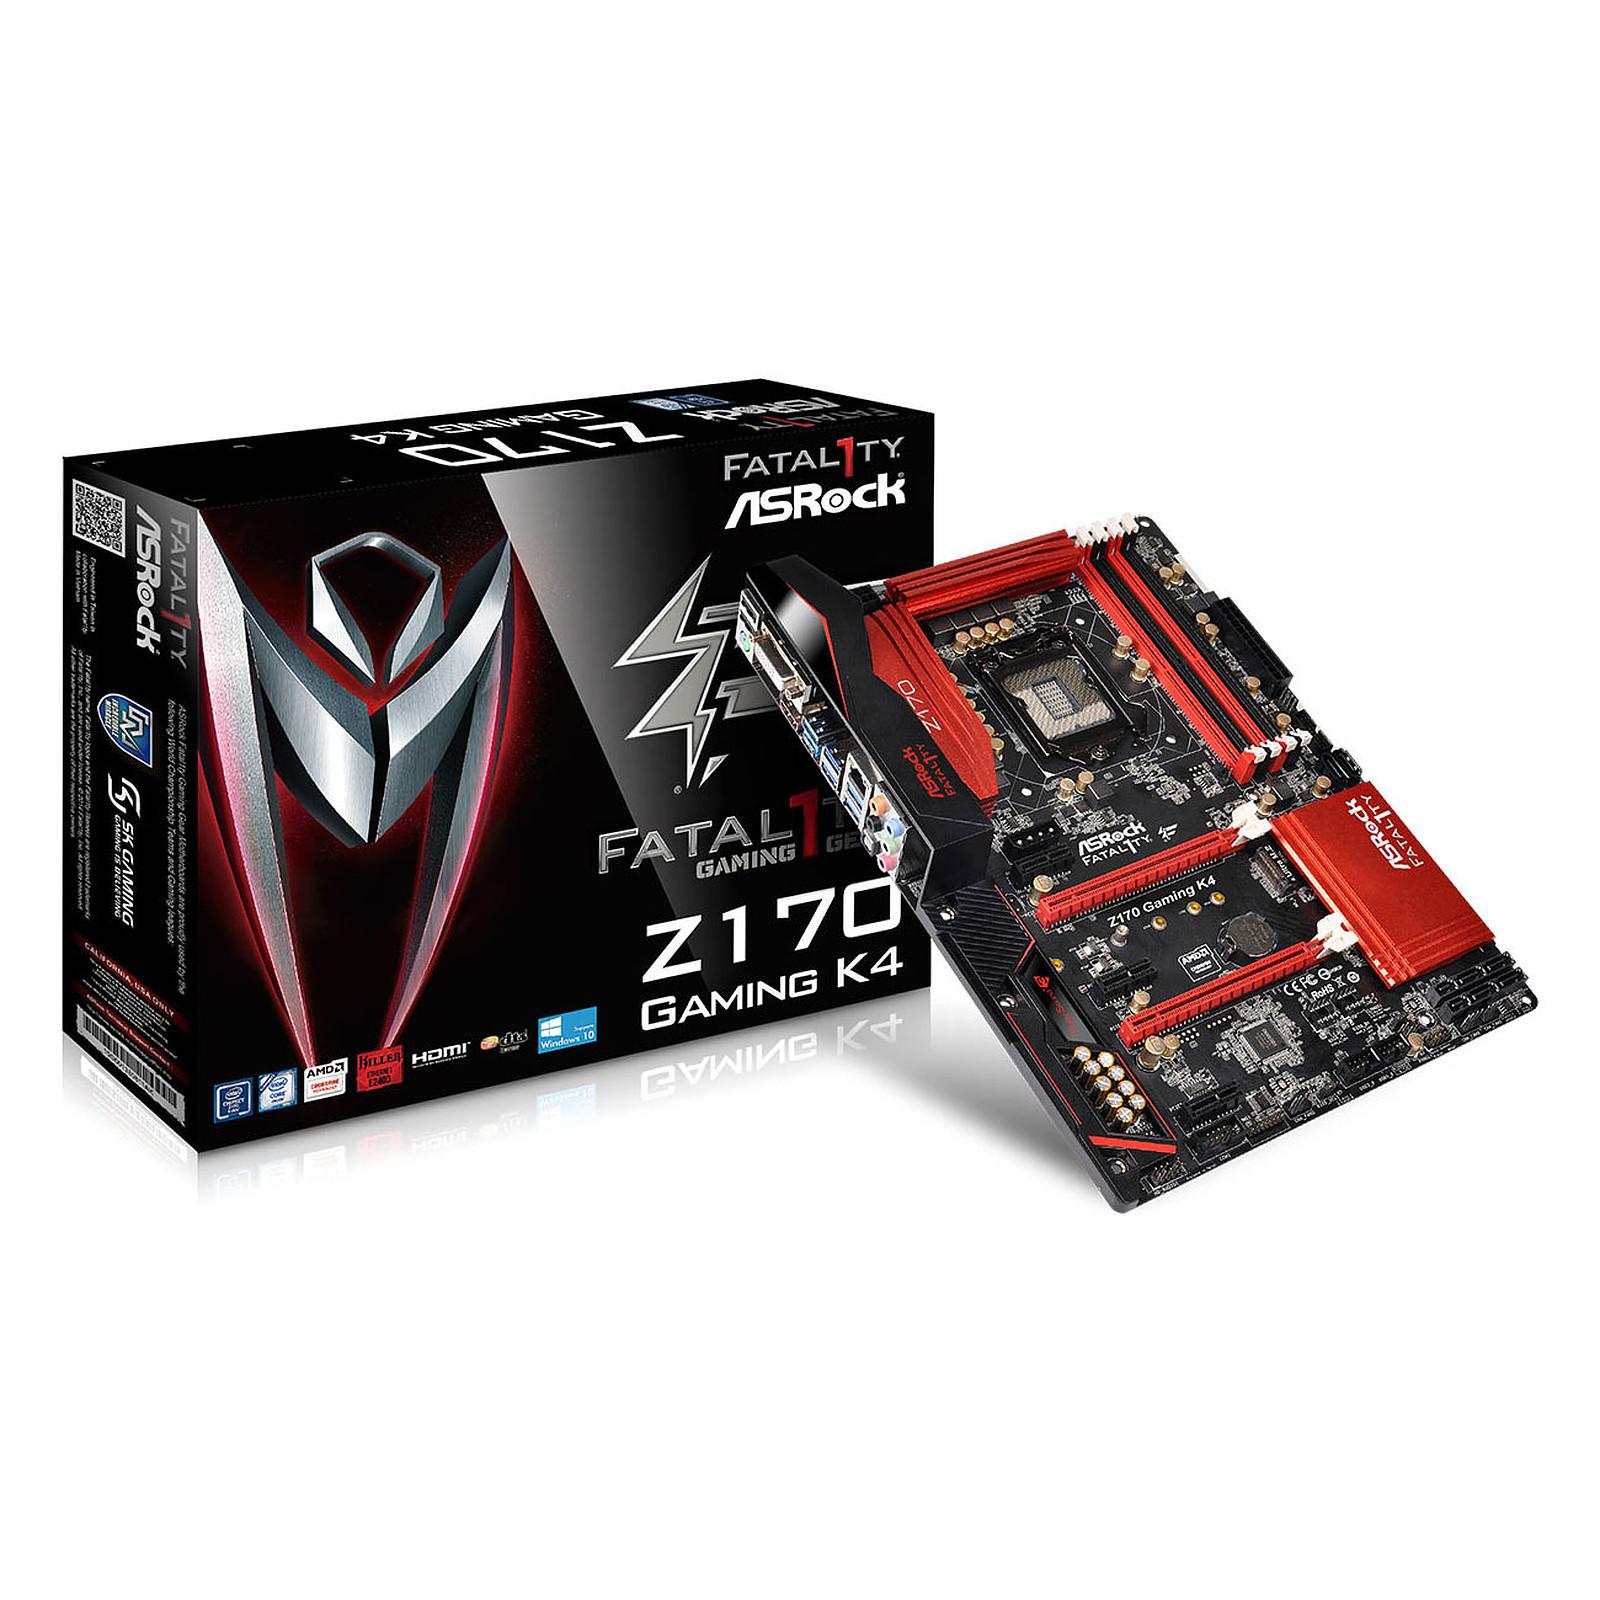 ASRock Z170 Gaming K4